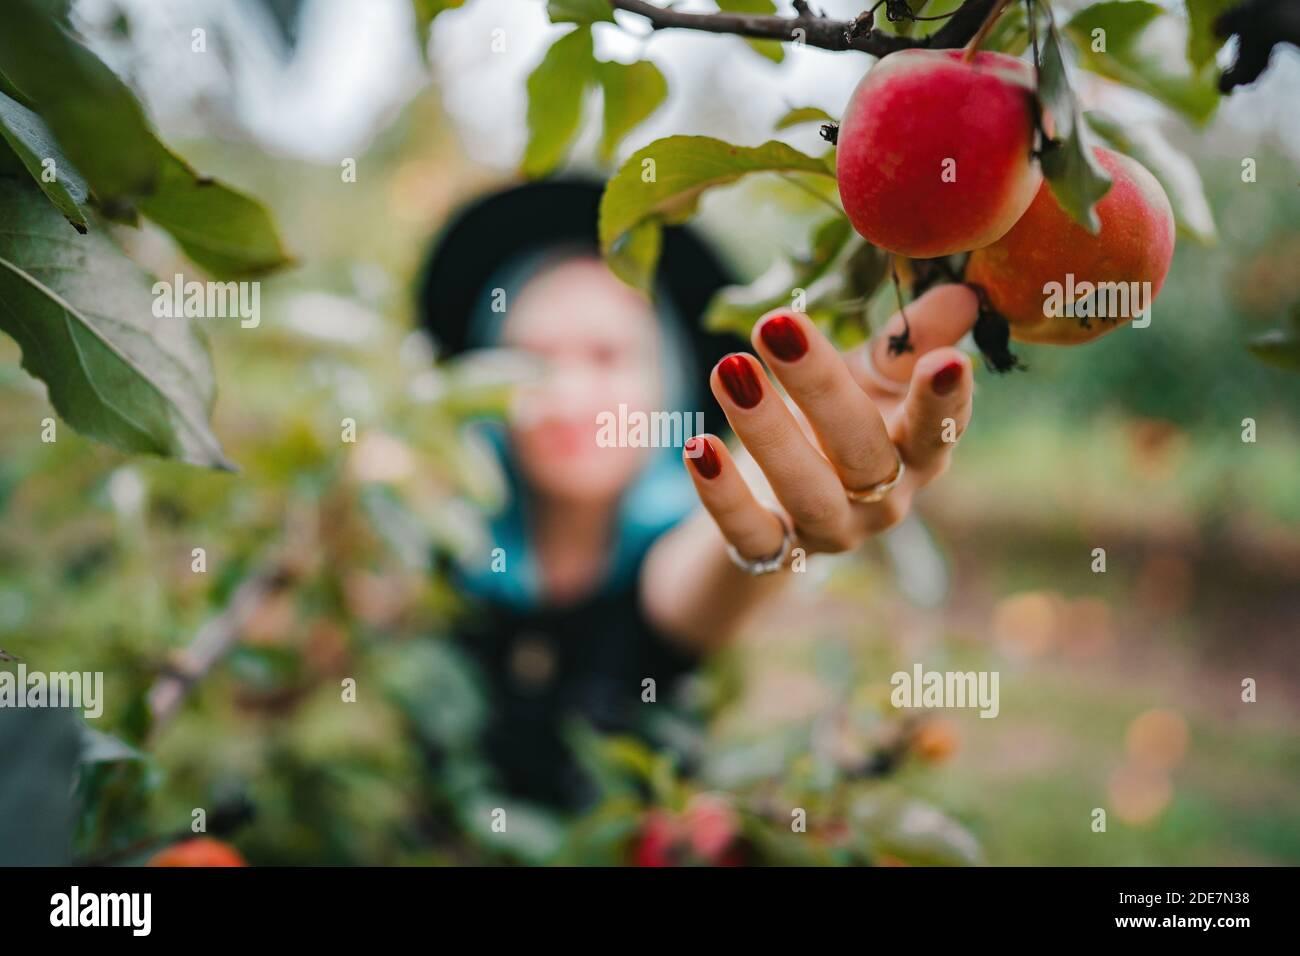 Mujer de cabello azul recogiendo frutas de manzana roja madura del árbol en el jardín verde. Estilo de vida orgánico, agricultura, ocupación jardinera Foto de stock